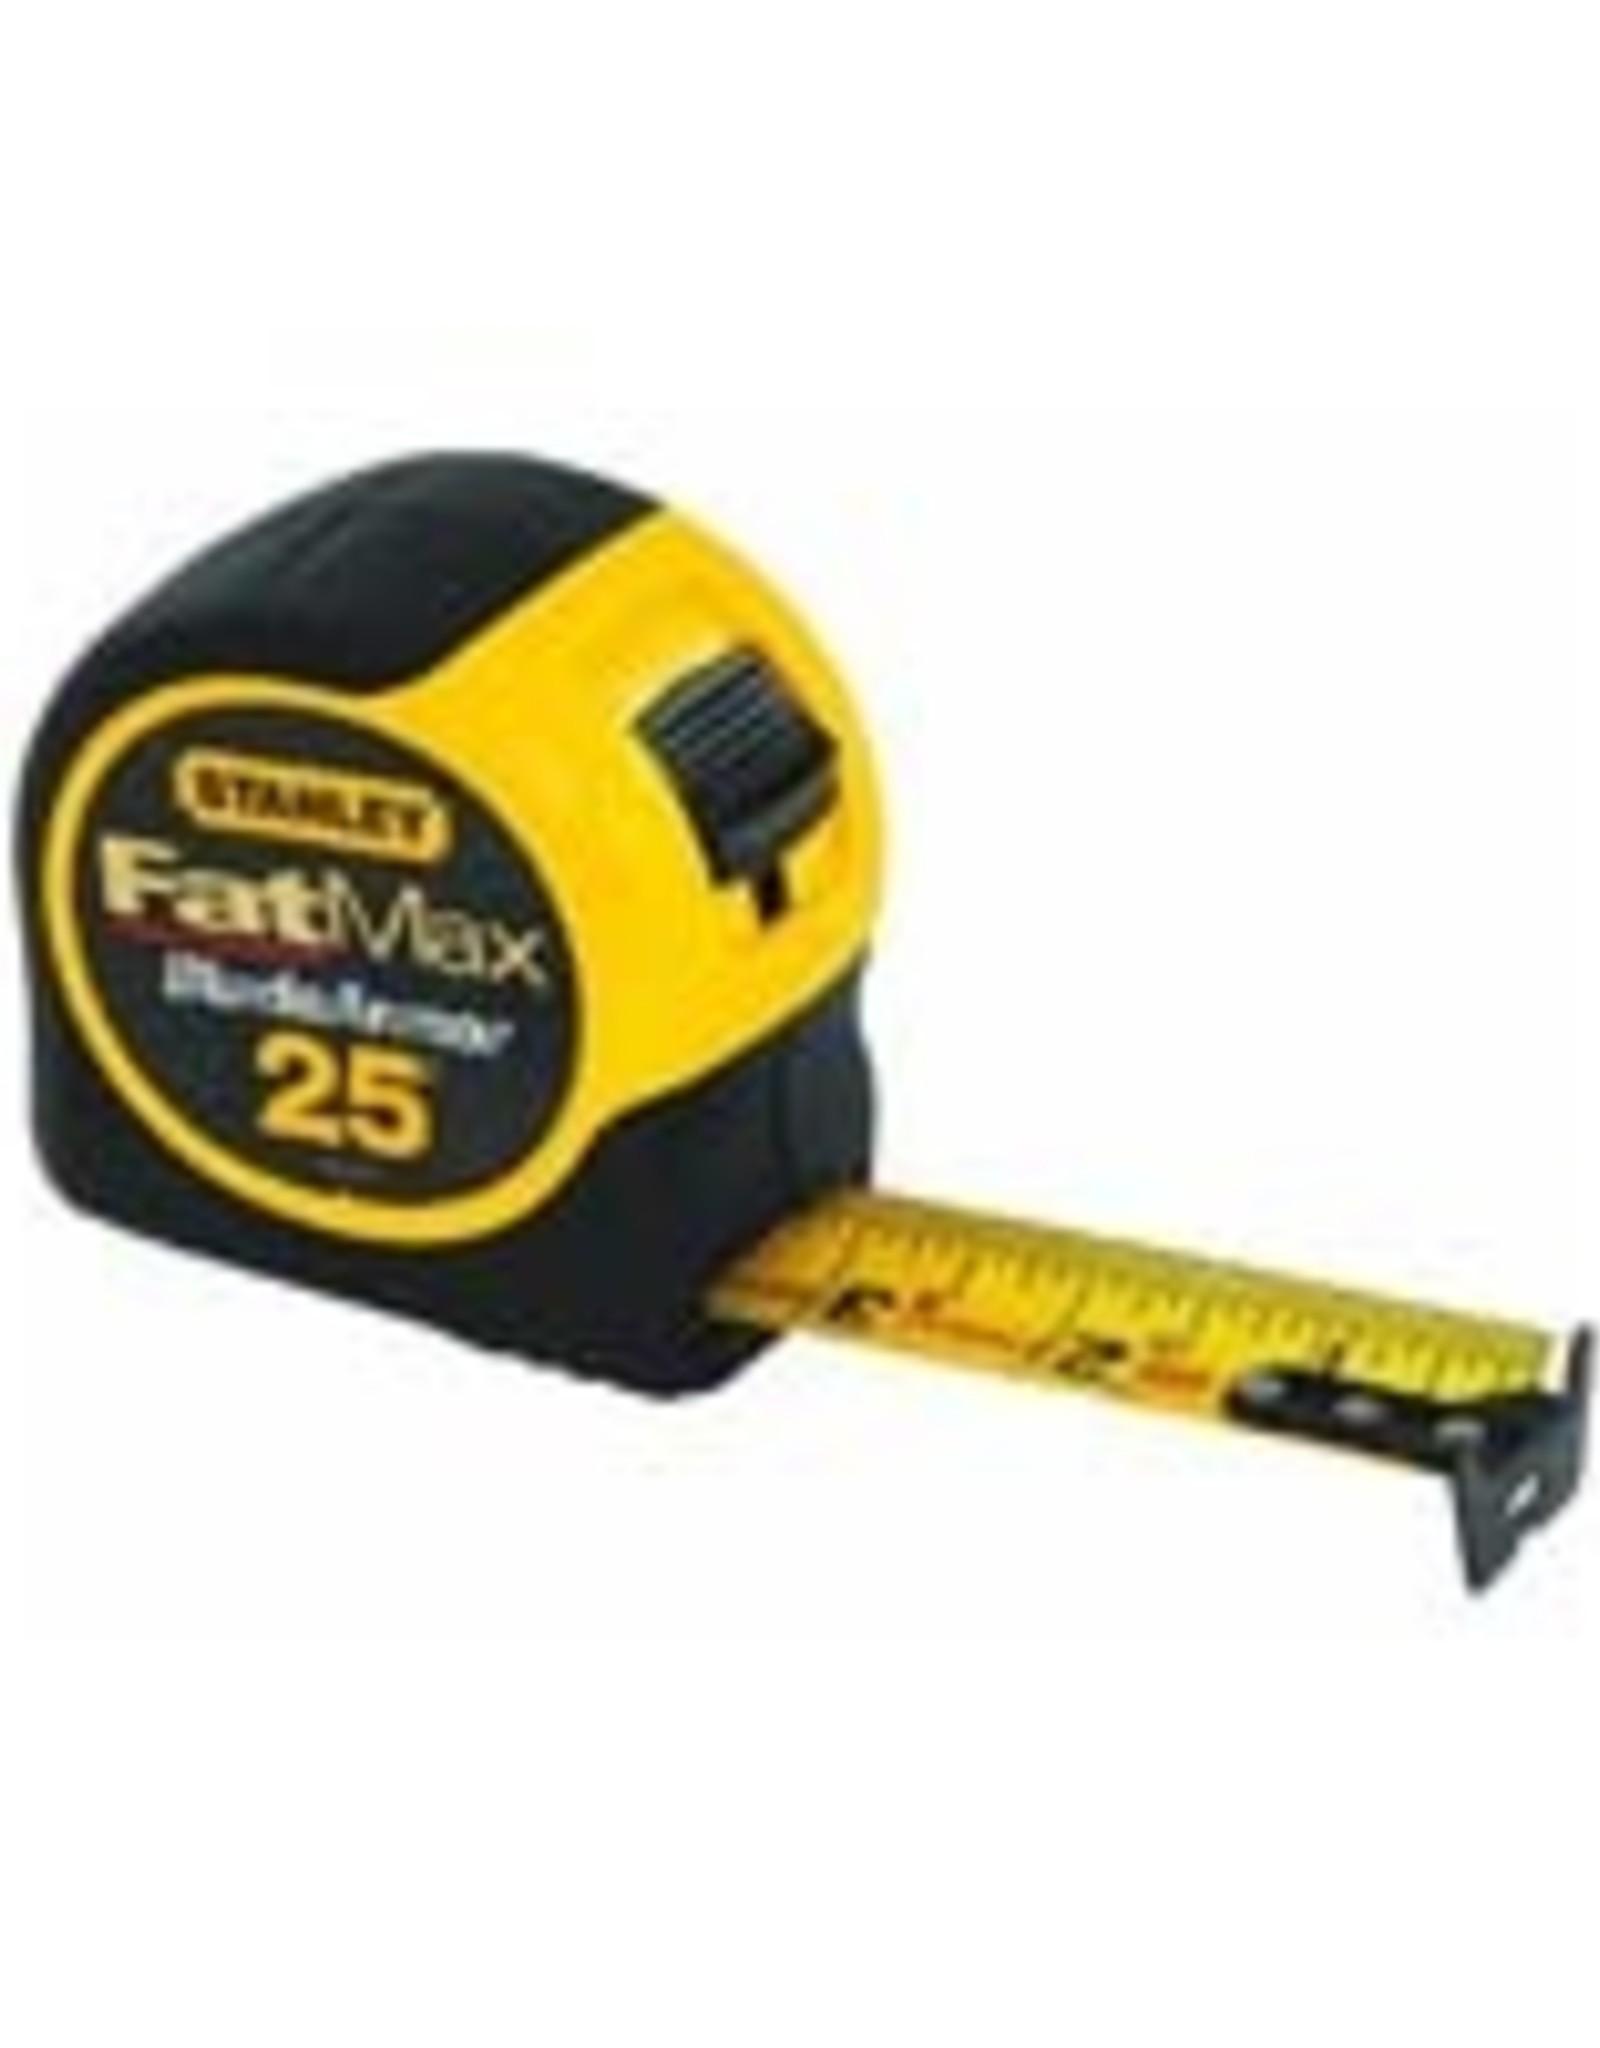 Stanley Tools Stanley - Fatmax Tape Rule 25'